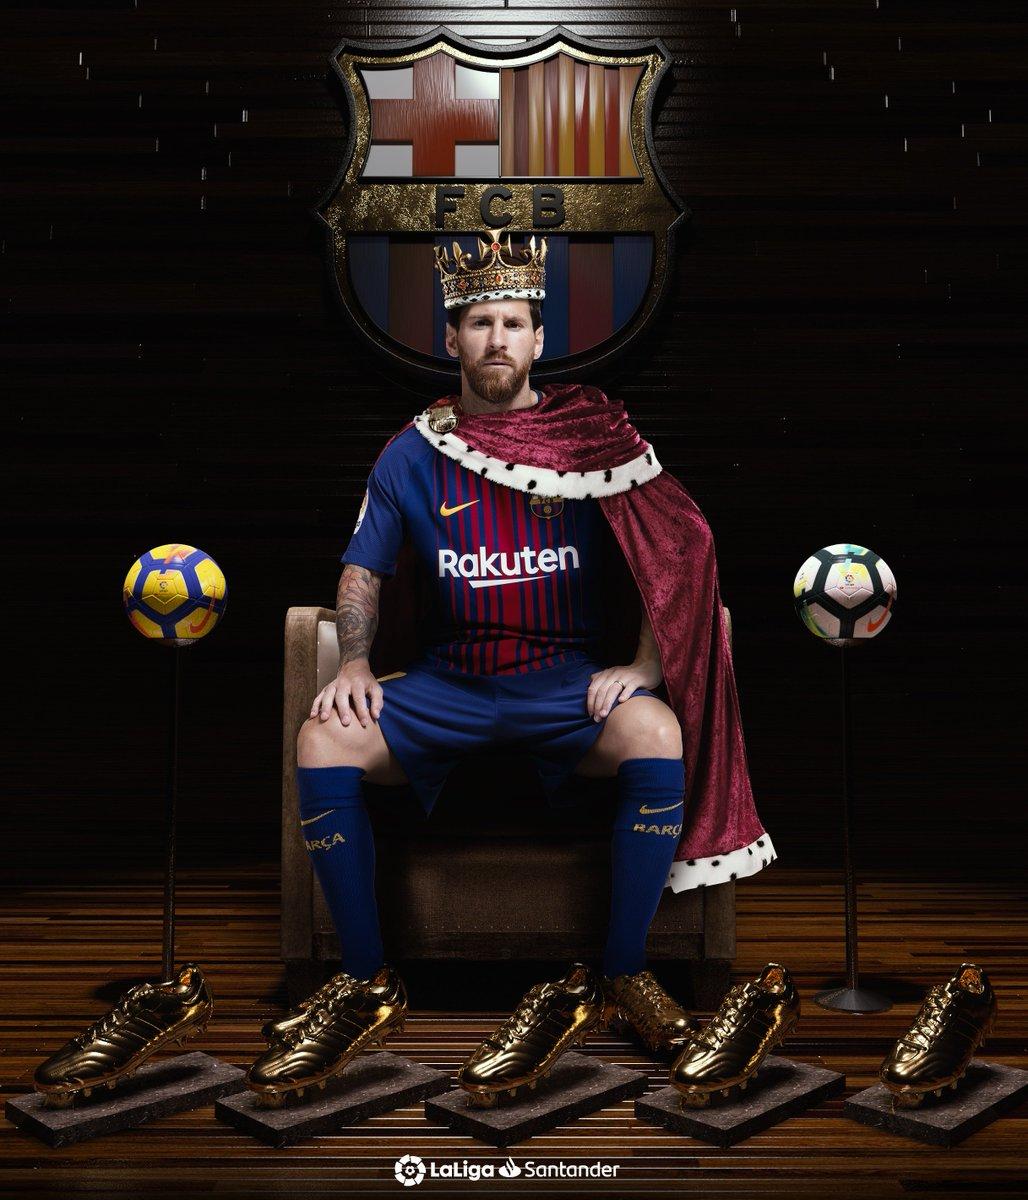 👑 ¡Su majestad REY DEL GOL! 👑  👟🥇 2009-10  👟🥇 2011-12  👟🥇 2012-13  👟🥇 2016-17  👟🥇 2017-18  ¡Messi gana su quinta BOTA DE ORO y se convierte en el futbolista que más veces ha conquistado este trofeo! 🔝⚽